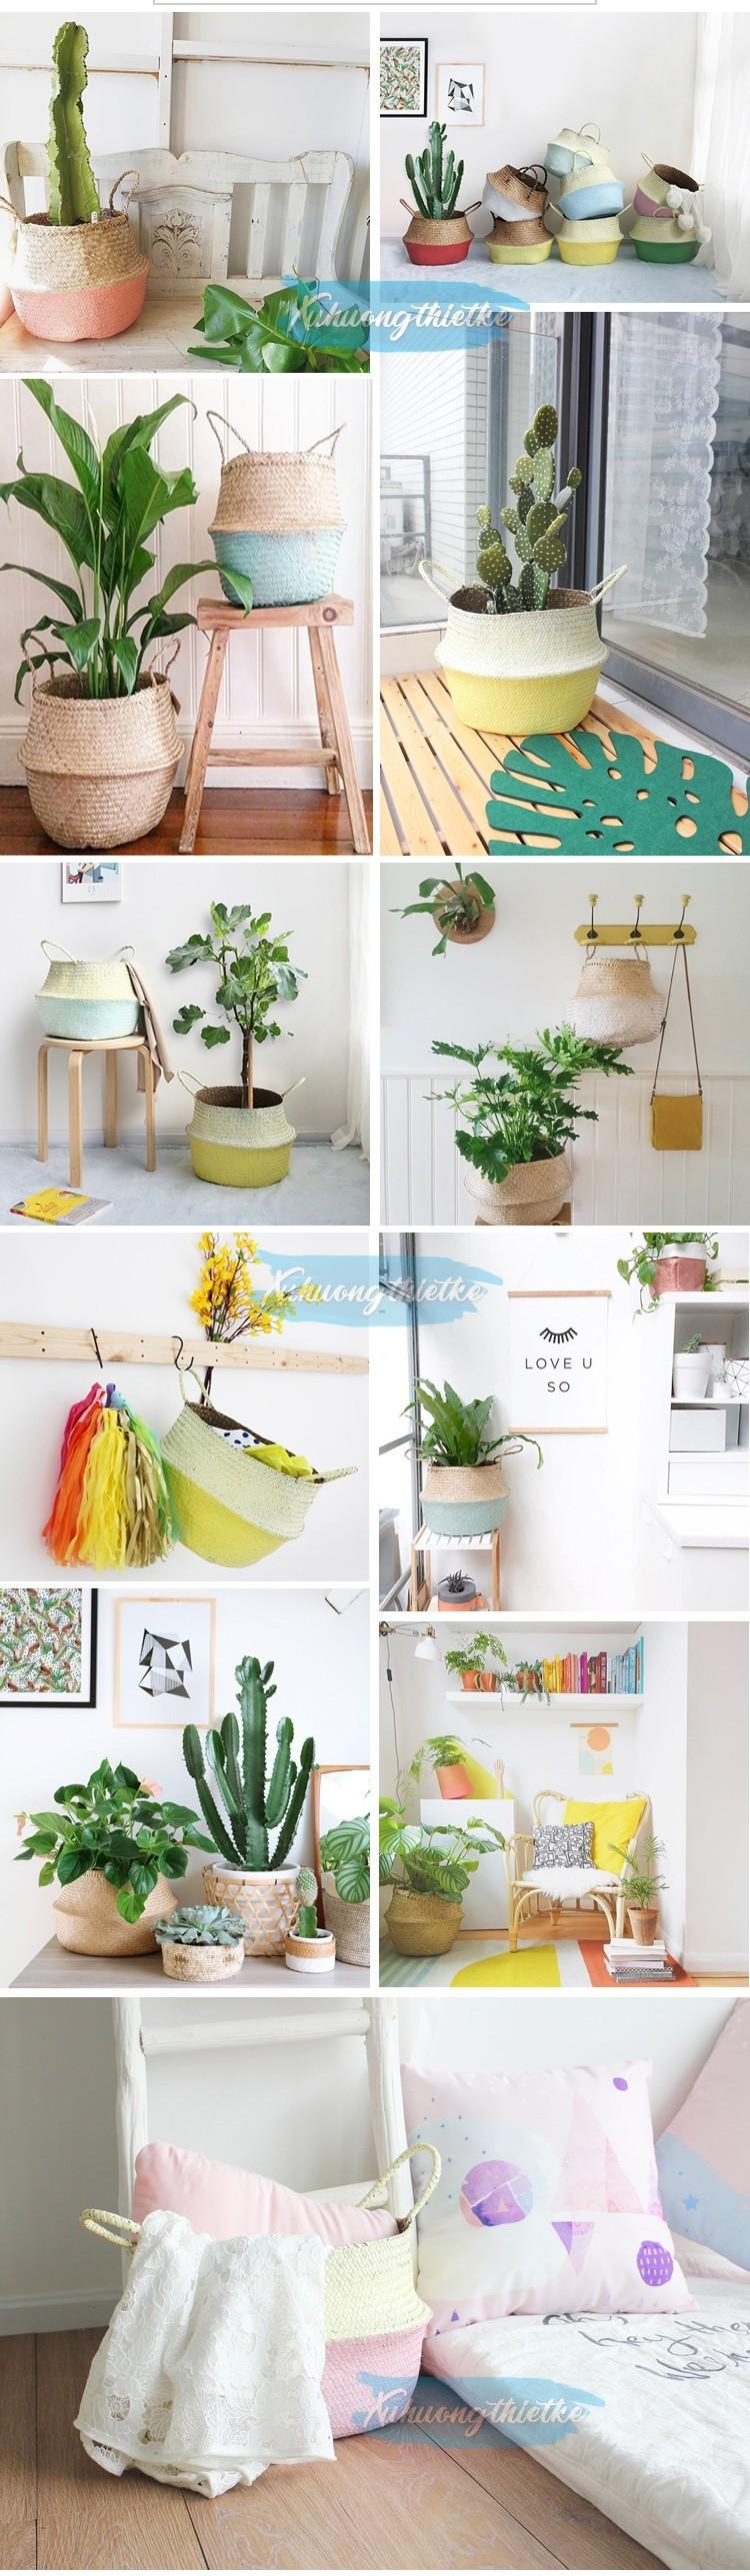 Giỏ cói đựng đồ, giỏ cói đựng cây, giỏ cói trồng cây